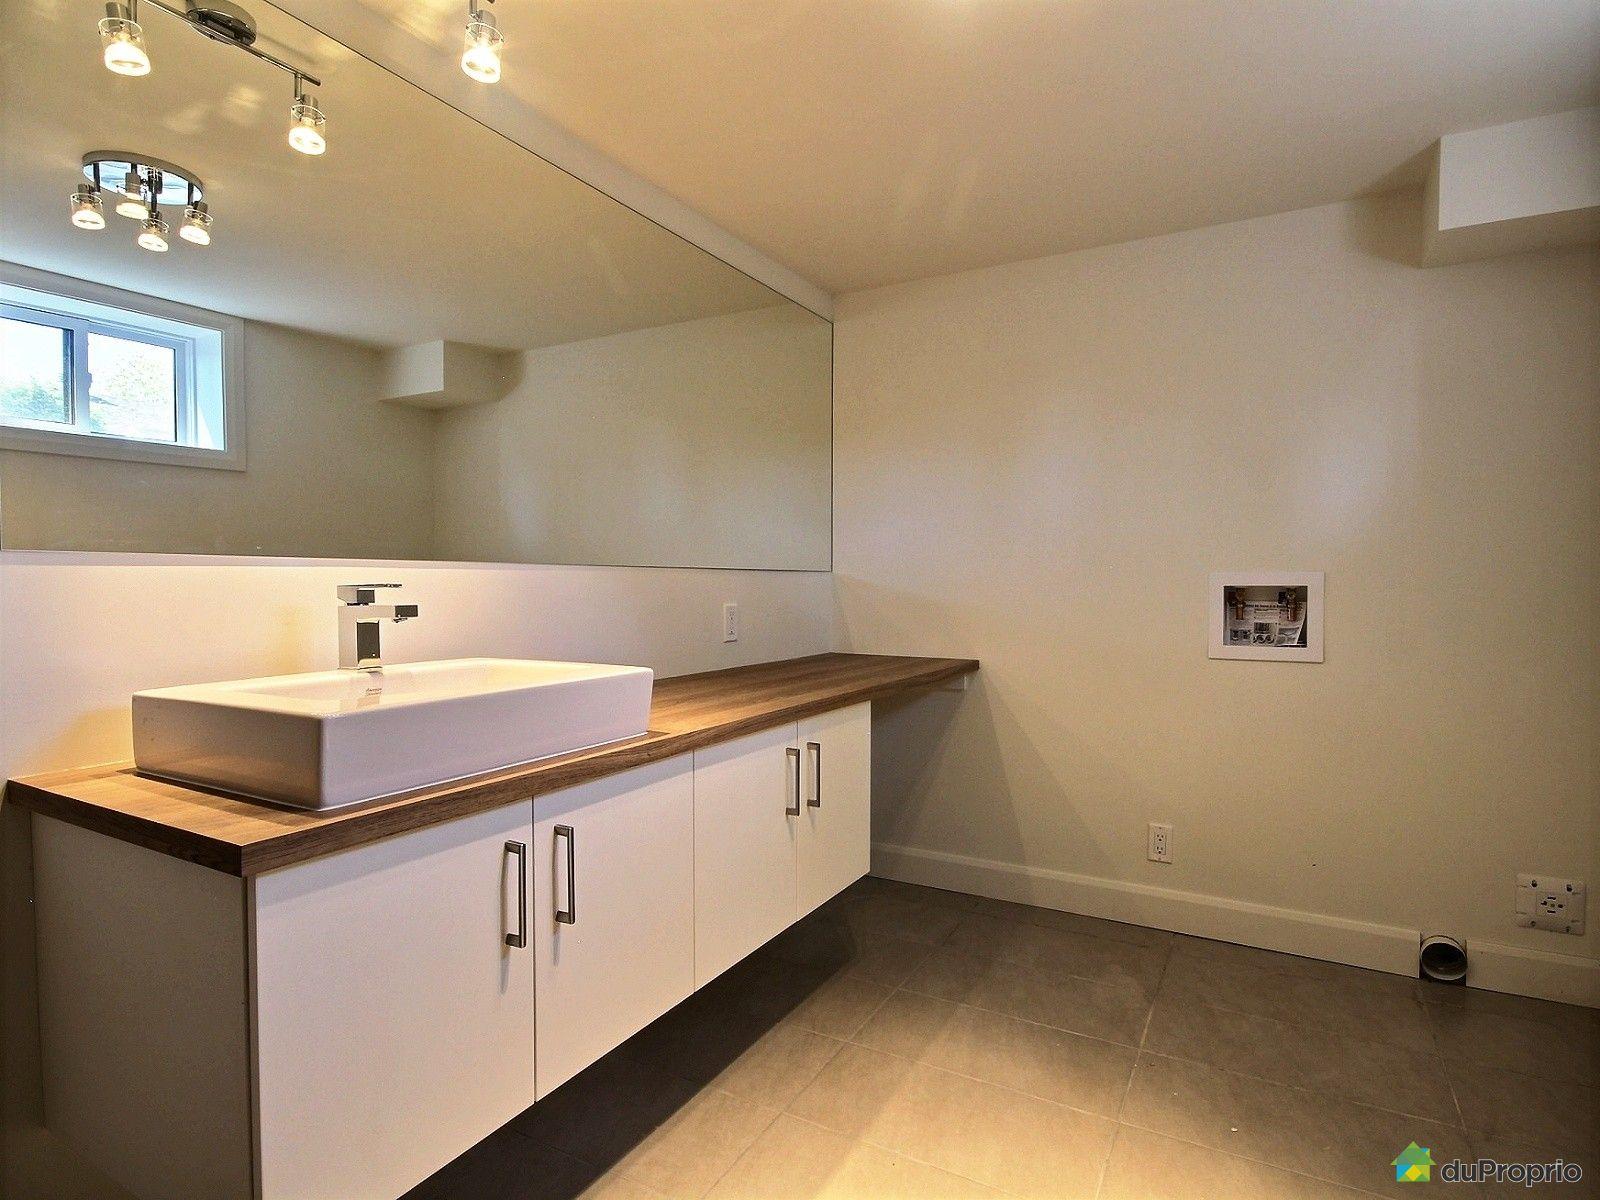 Maison neuve vendu charlesbourg immobilier qu bec for Plomberie salle de bain sous sol